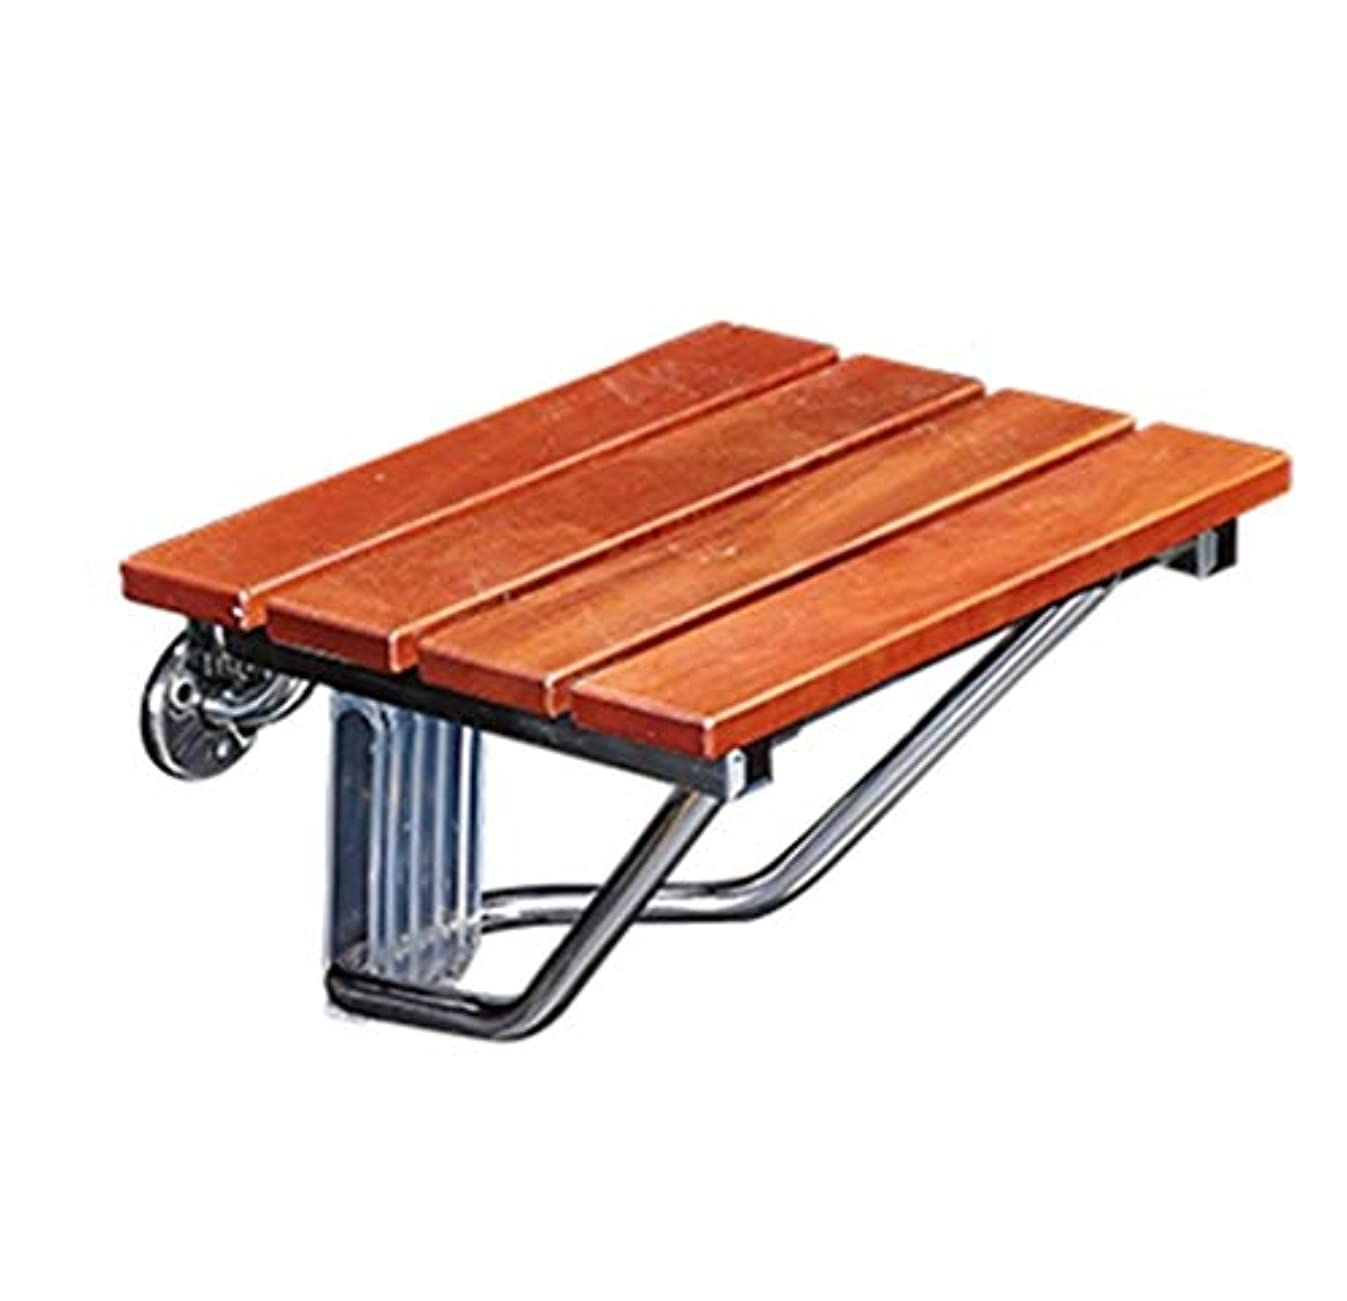 おもちゃ恥ずかしさ手書き折り畳み式の壁のシャワーの腰掛け、壁に取り付けられた木製の折りたたみ式のシャワーの座席木製の変更は高齢者/身体障害者のスリップ防止シャワーの椅子のために腰掛け